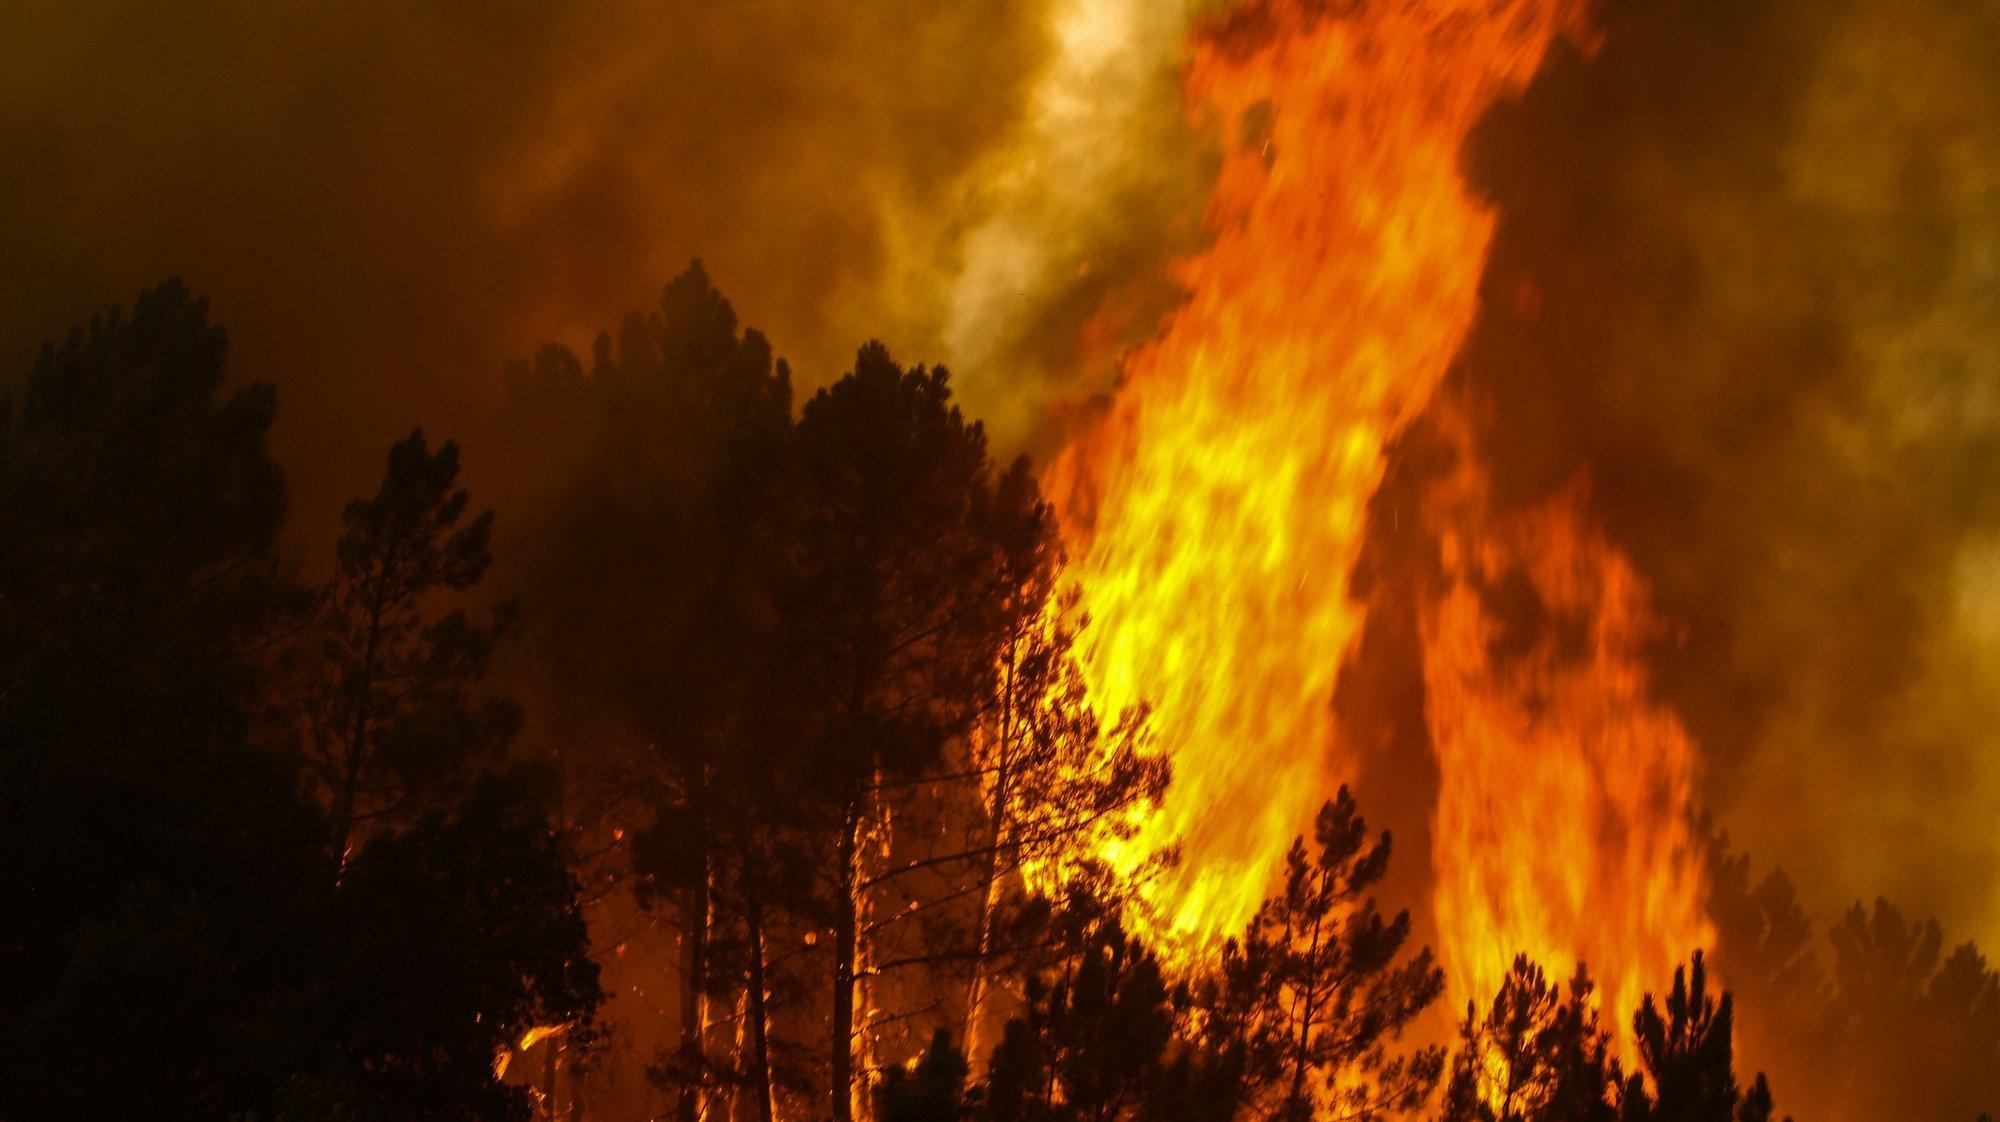 Uma frente do incêndio que lavra na aldeia de Rabaças, em Oleiros, Castelo Branco, 14 de setembro de 2020. O incêndio que deflagrou em Proença-a-Nova no domingo e que lavra hoje com intensidade em Oleiros já está próximo do Rio Zêzere, afirmou hoje o presidente da Câmara. Segundo a Autoridade Nacional de Emergência e Proteção Civil estão neste momento a combater o incêndio 1063 operacionais no terreno, apoiados por 343 veículos e dezassete meios aéreos. PAULO CUNHA /LUSA